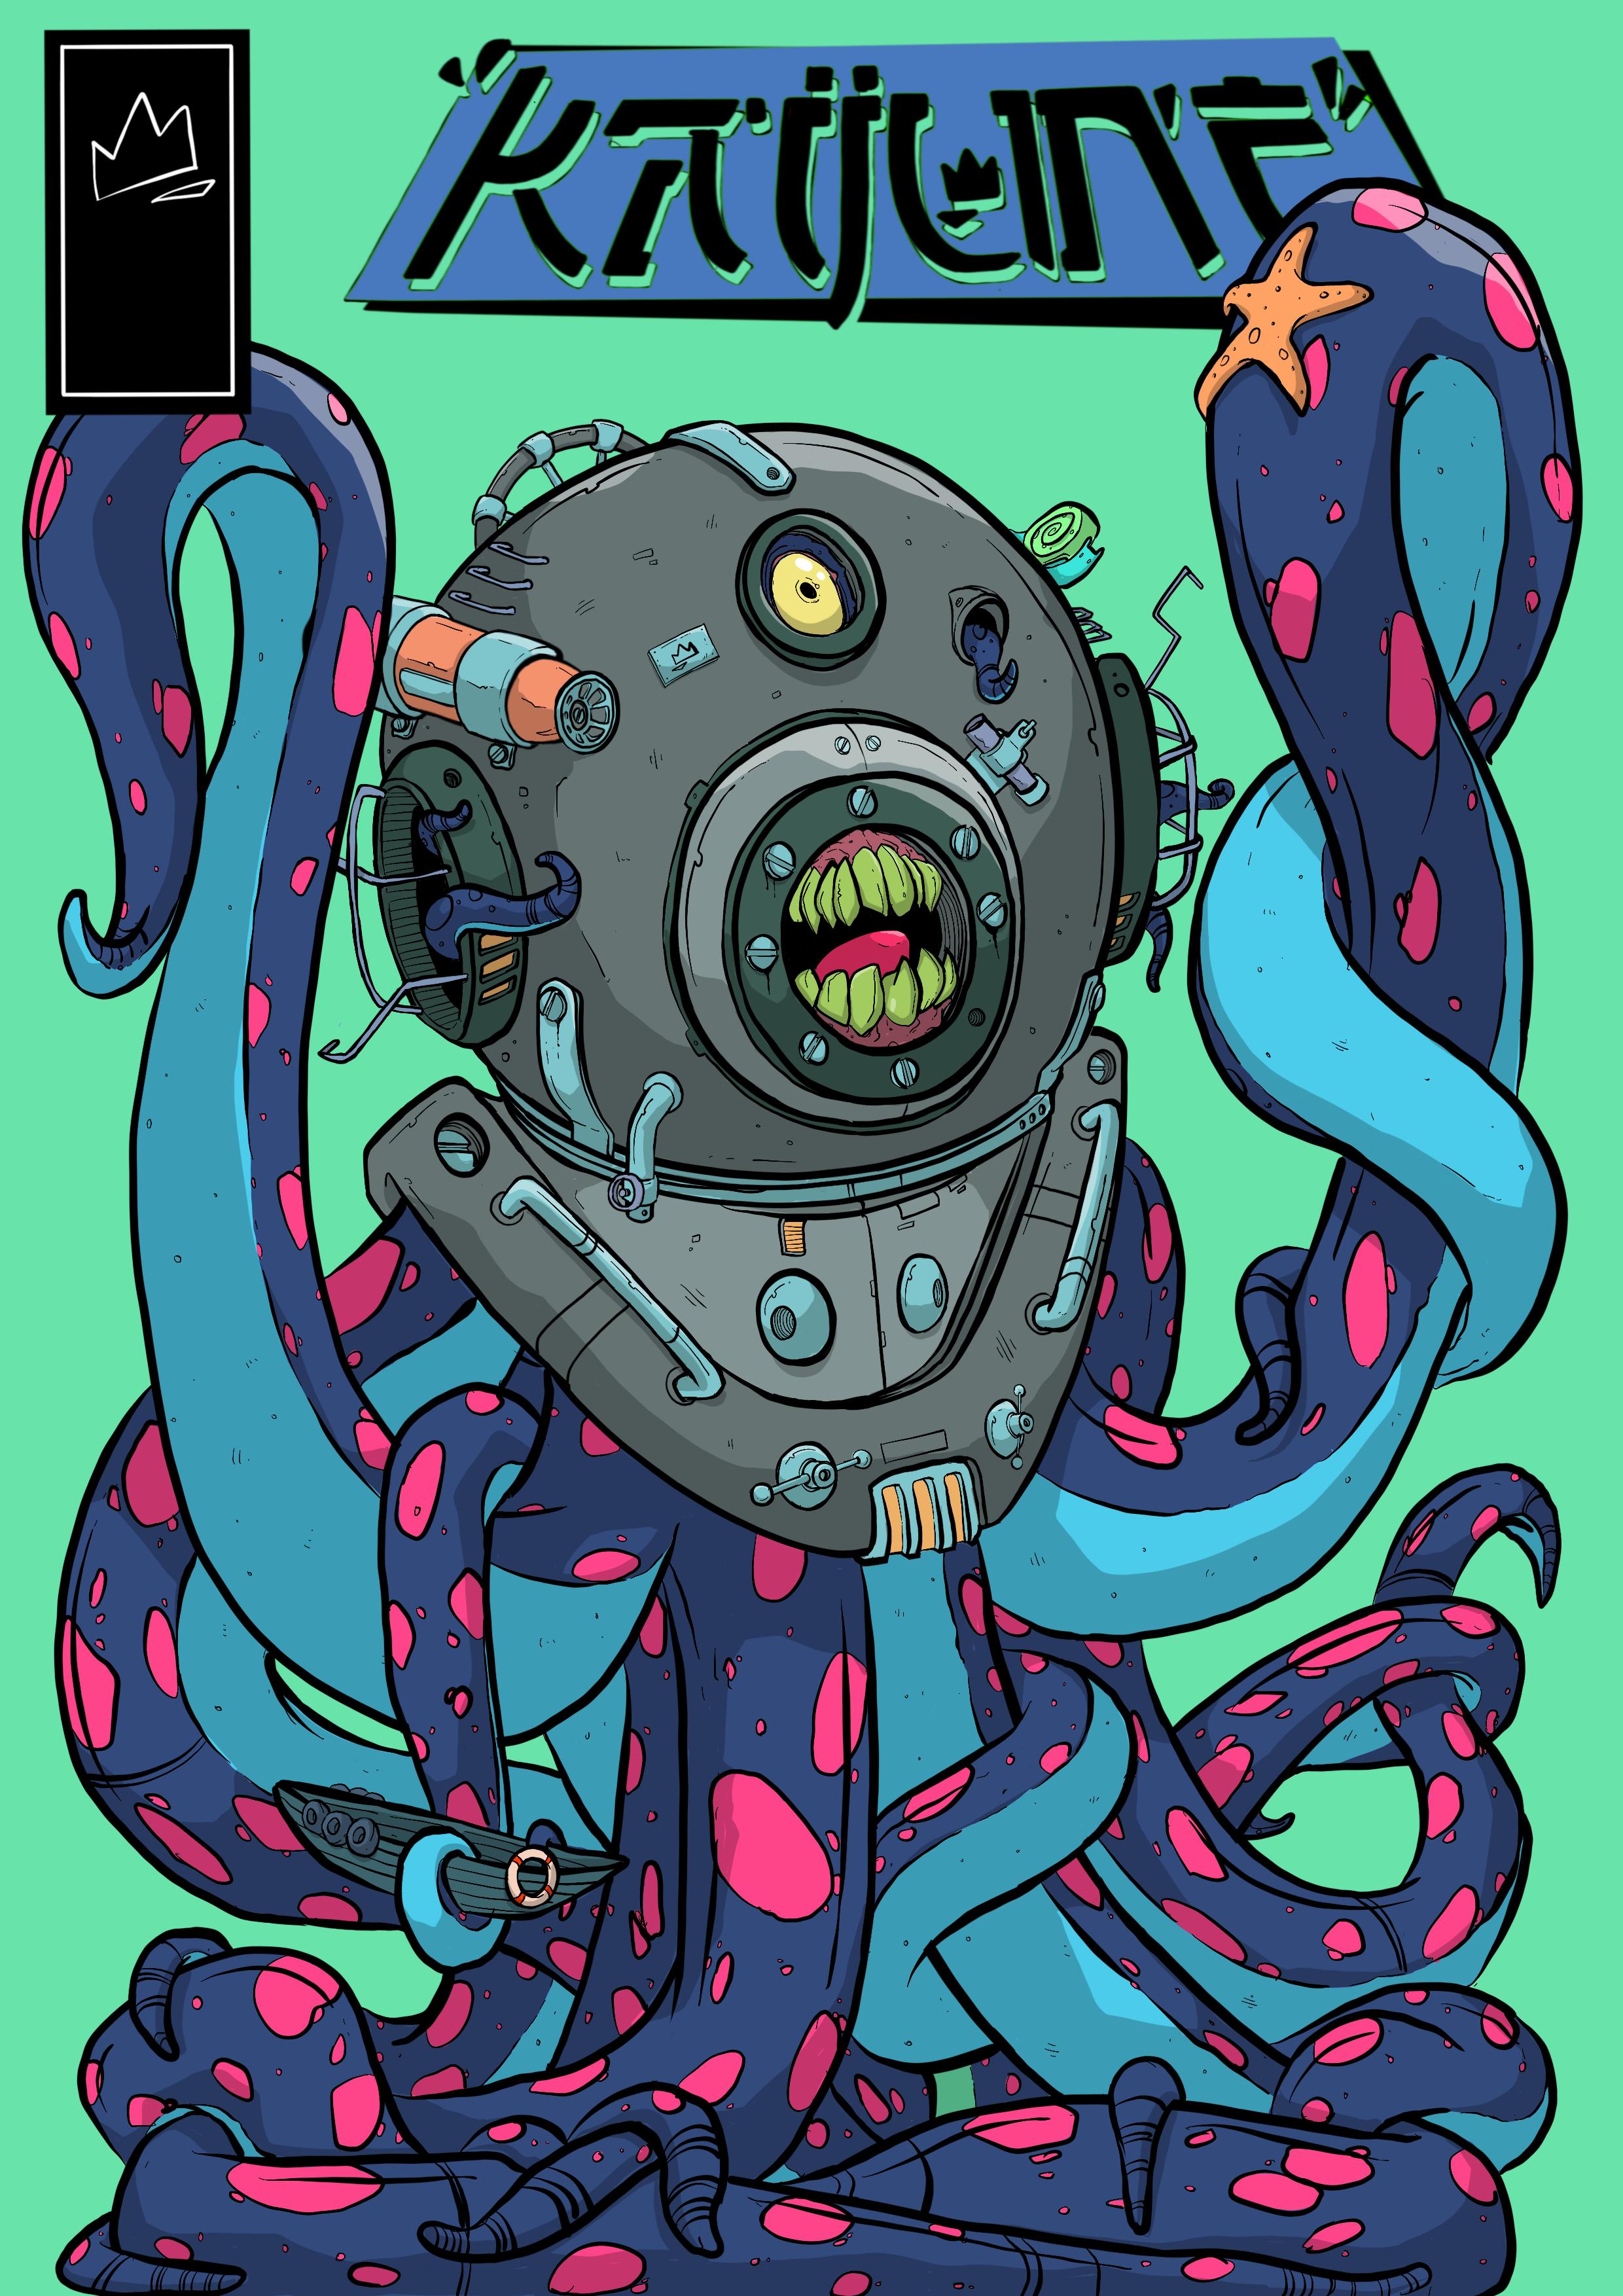 The Kraken - Kaijune